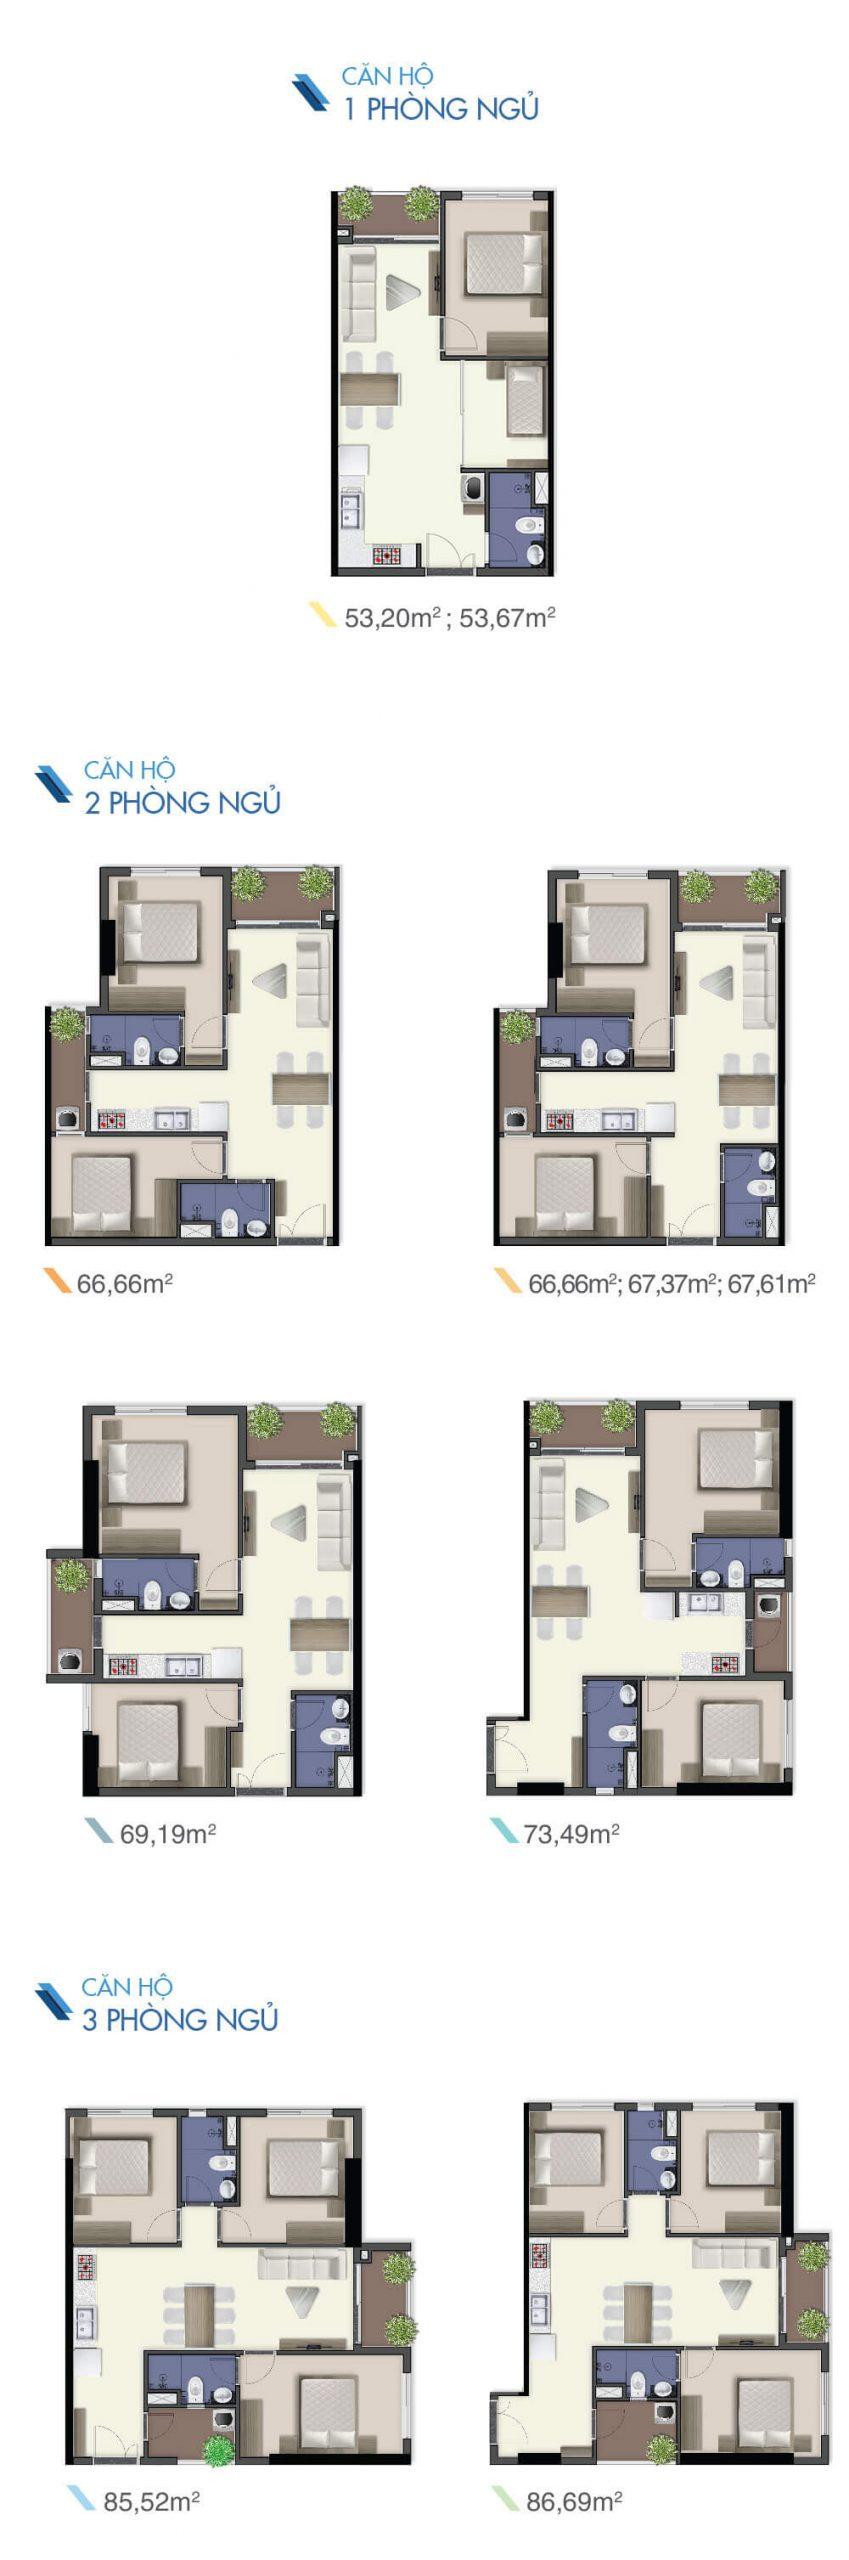 mẫu căn hộ điển hình dự án